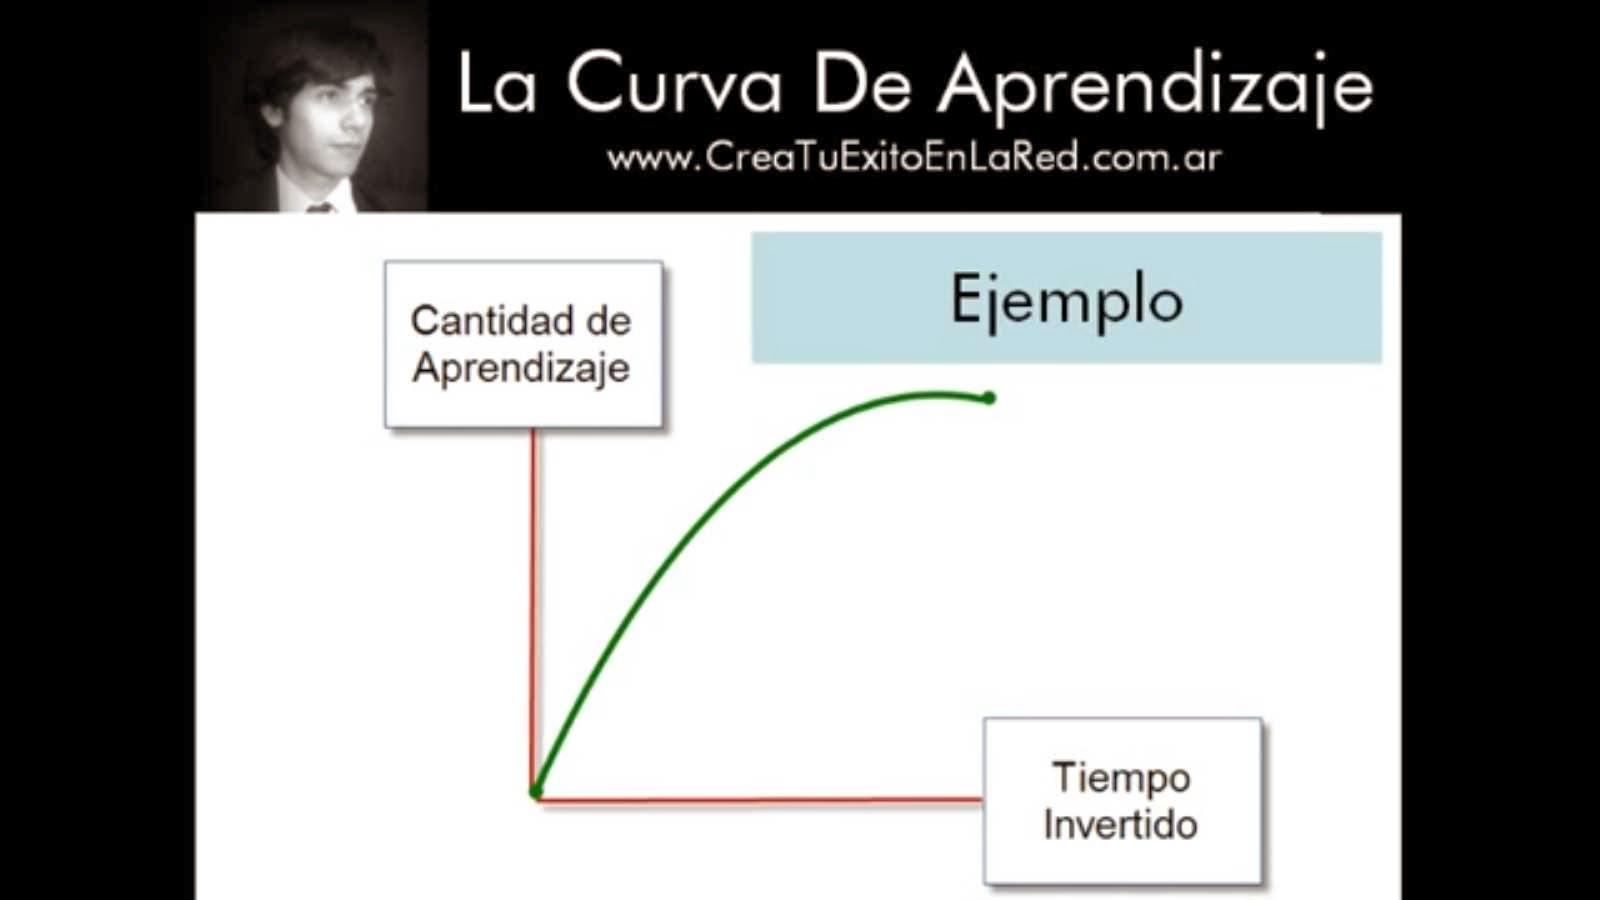 la curva de aprendizaje en los negocios